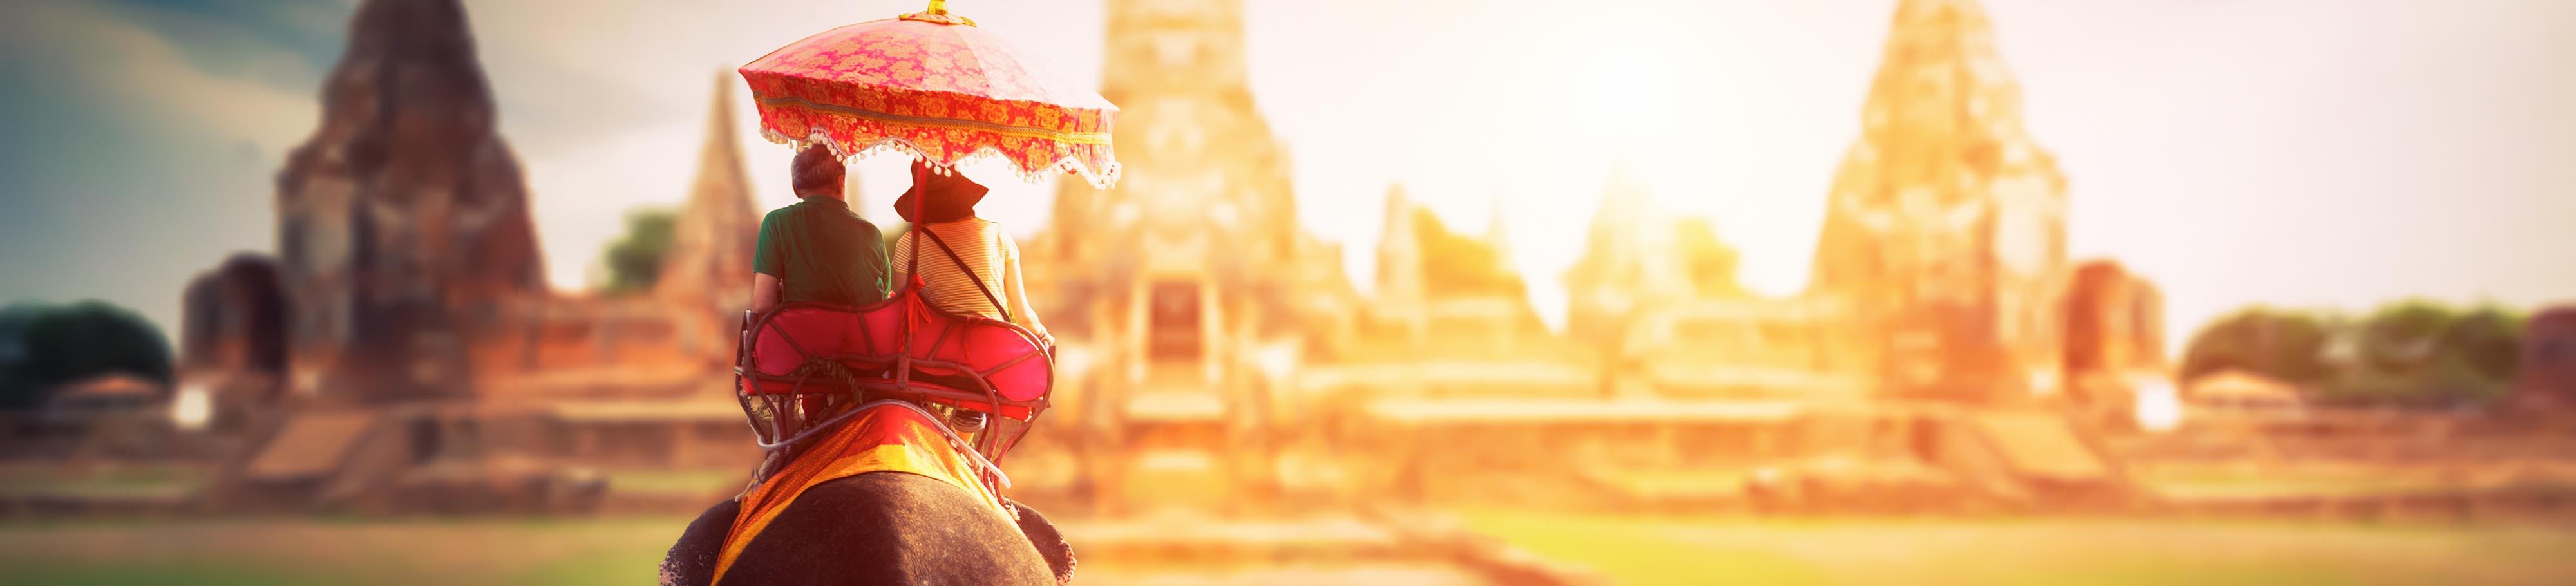 Quelle guide de voyage Inde choisir pour faciliter son voyage dans le Sud ou dans le Nord de ce pays mythique